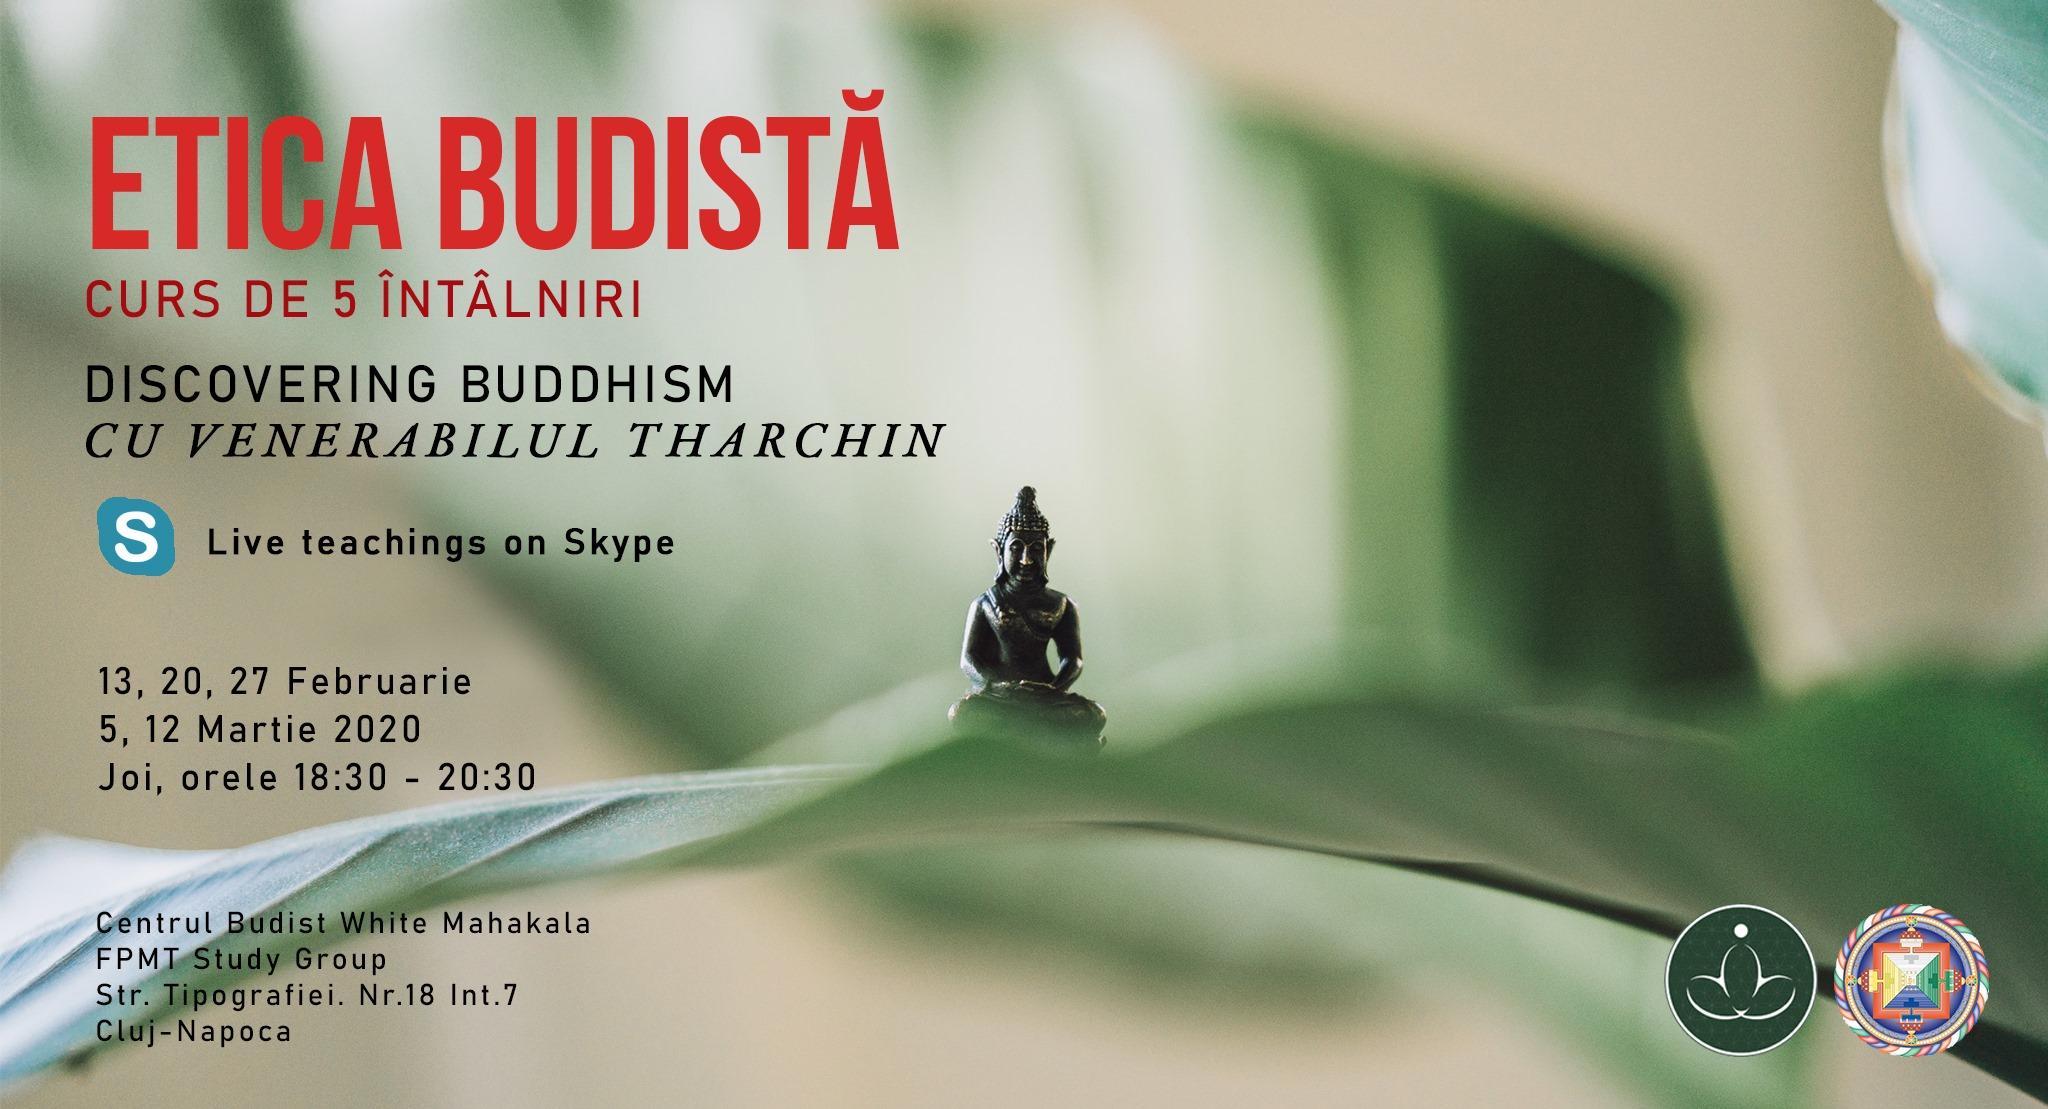 Curs Discovering Buddhism/Modulul: Etica Budista cu Venerabilul Tharchin